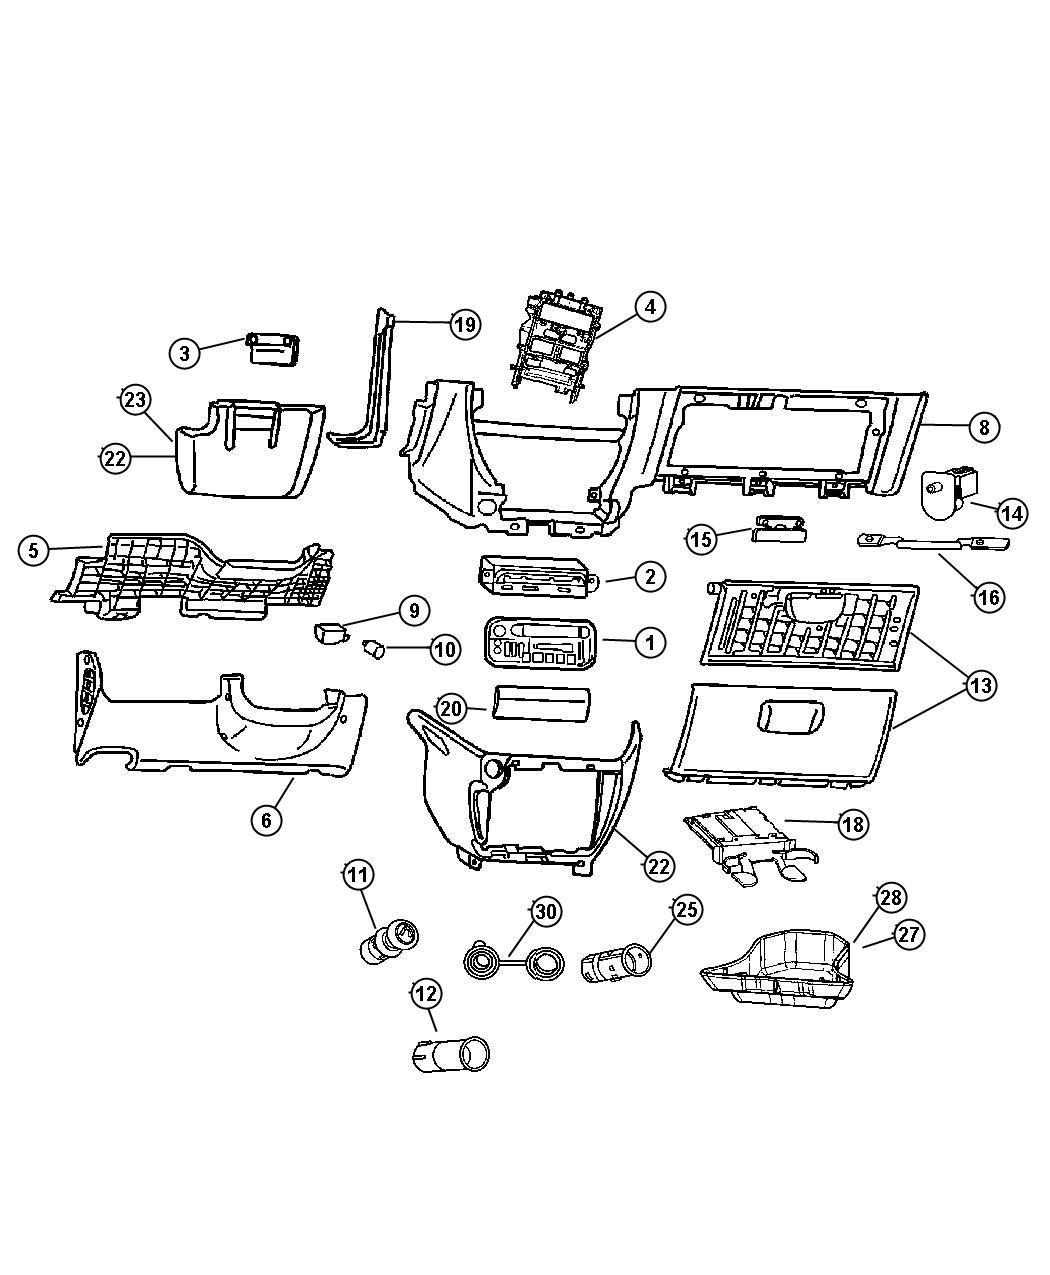 Dodge Caravan Control A C And Heater Hag Air